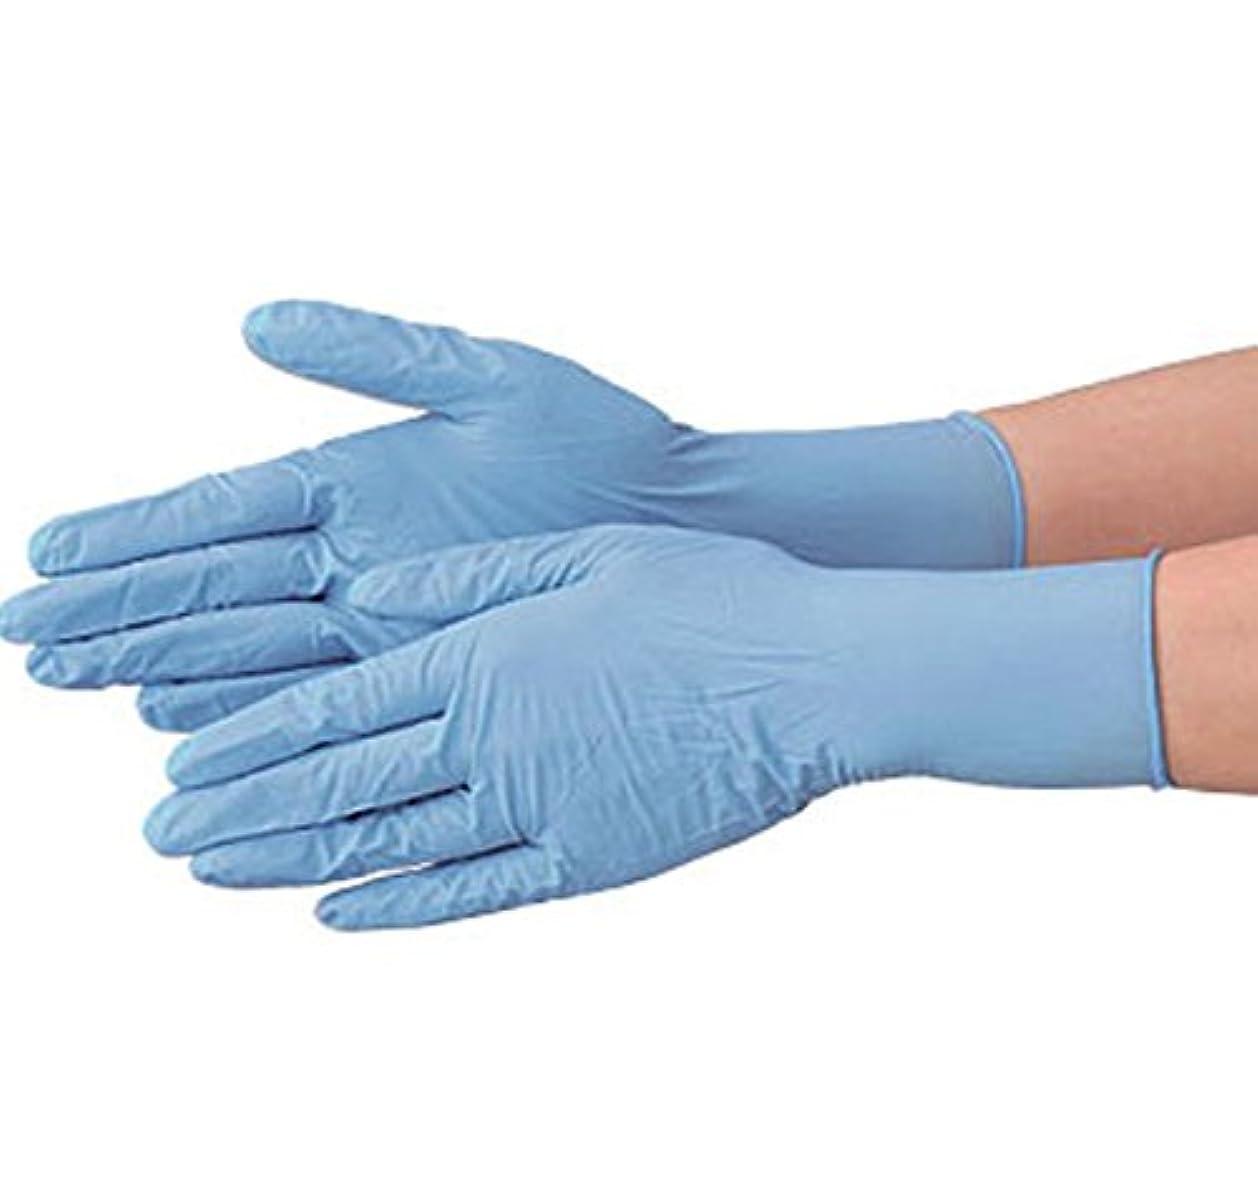 興奮回転させる小説使い捨て 手袋 エブノ 573 ニトリルNEOプラス ブルー Mサイズ パウダー付き 2ケース(100枚×40箱)